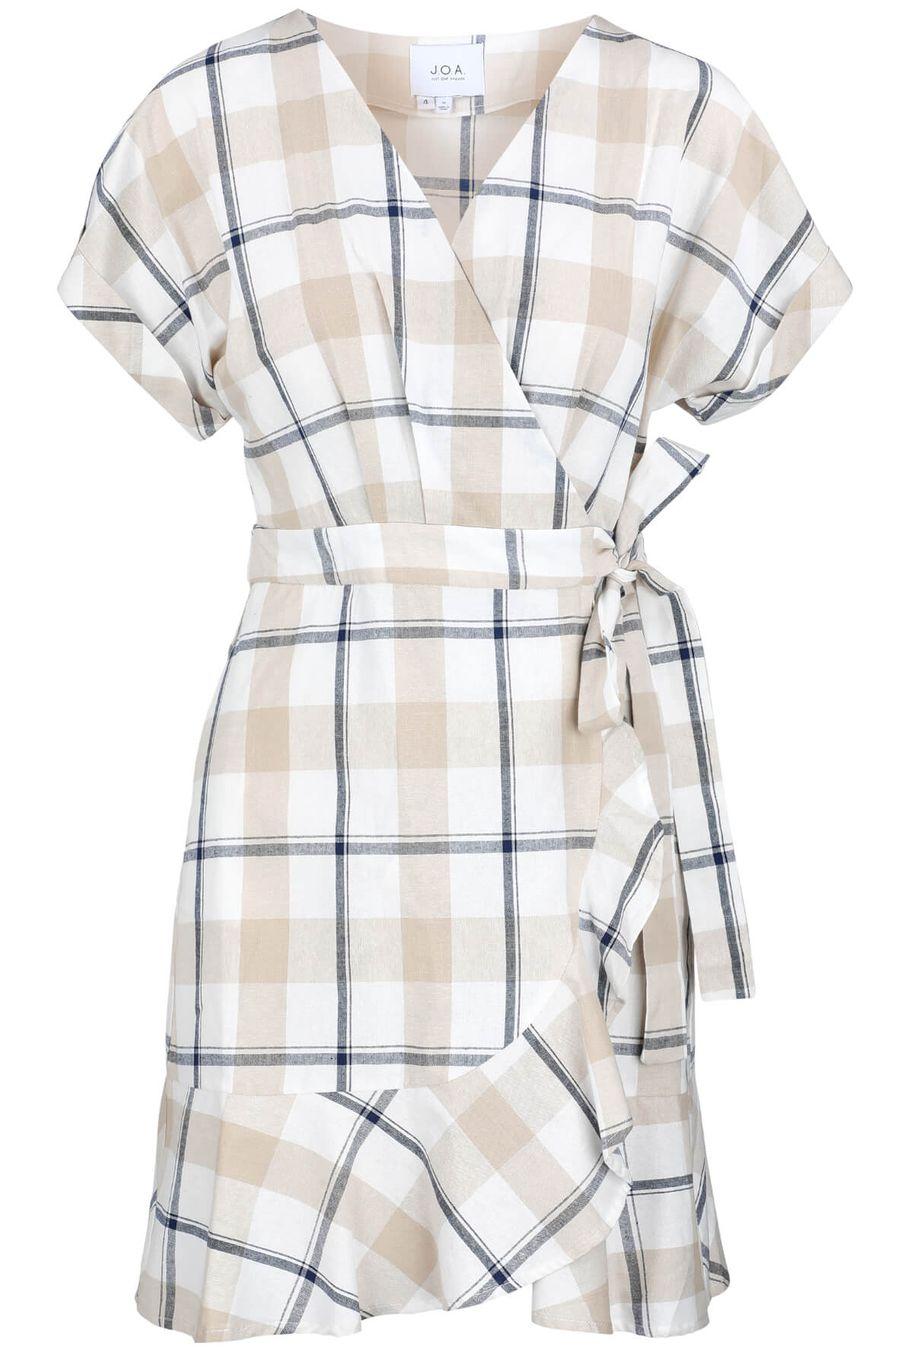 joa-ruffle-hem-wrap-dressedit-1